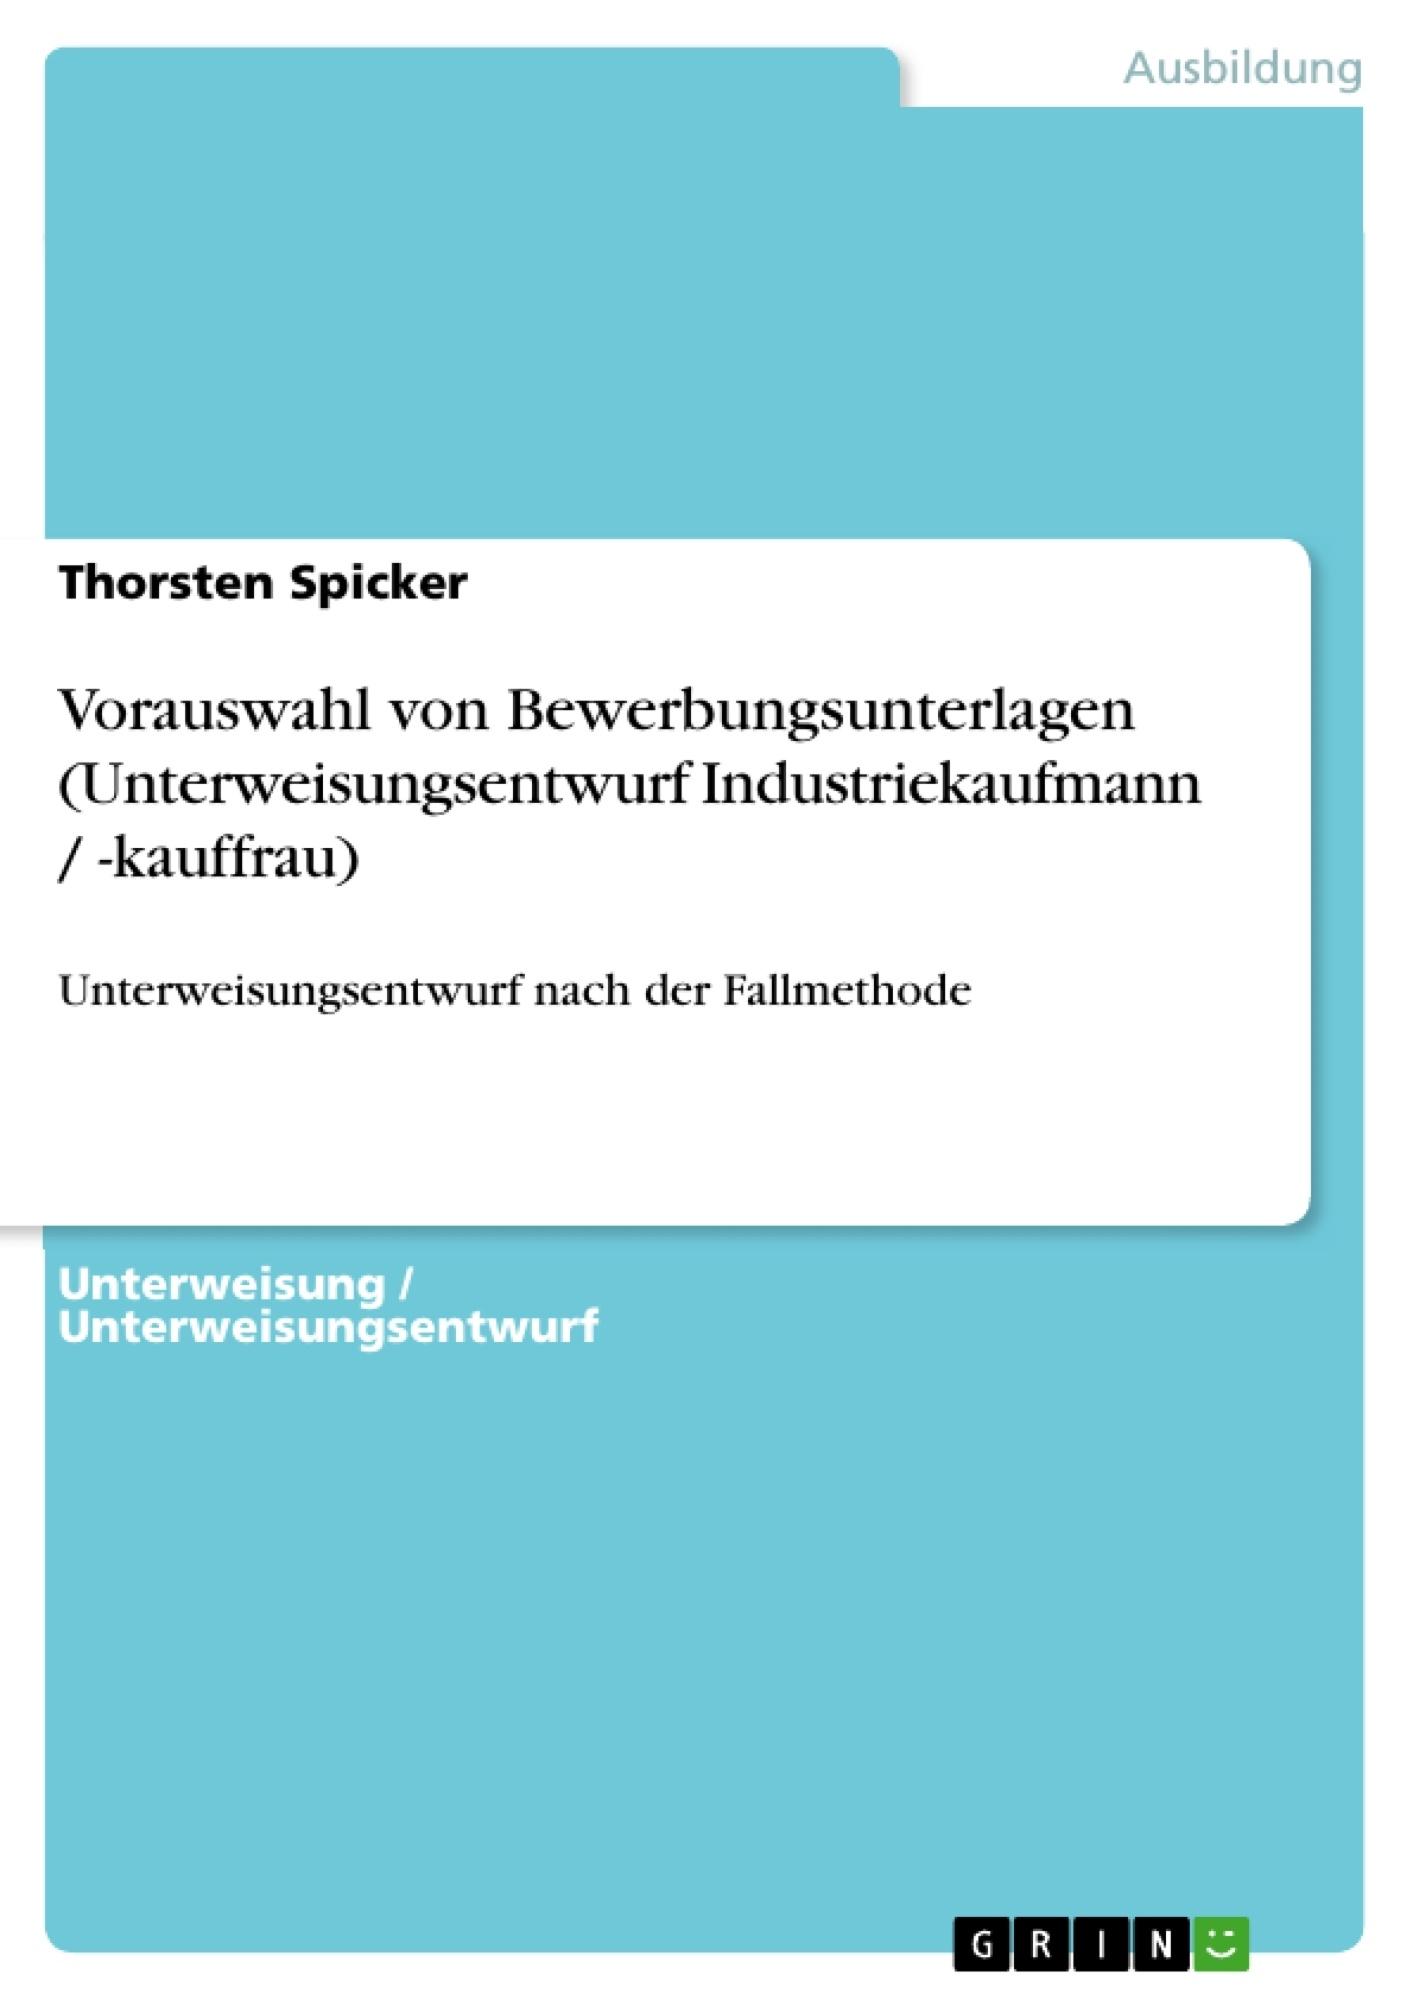 Titel: Vorauswahl von Bewerbungsunterlagen (Unterweisungsentwurf Industriekaufmann / -kauffrau)